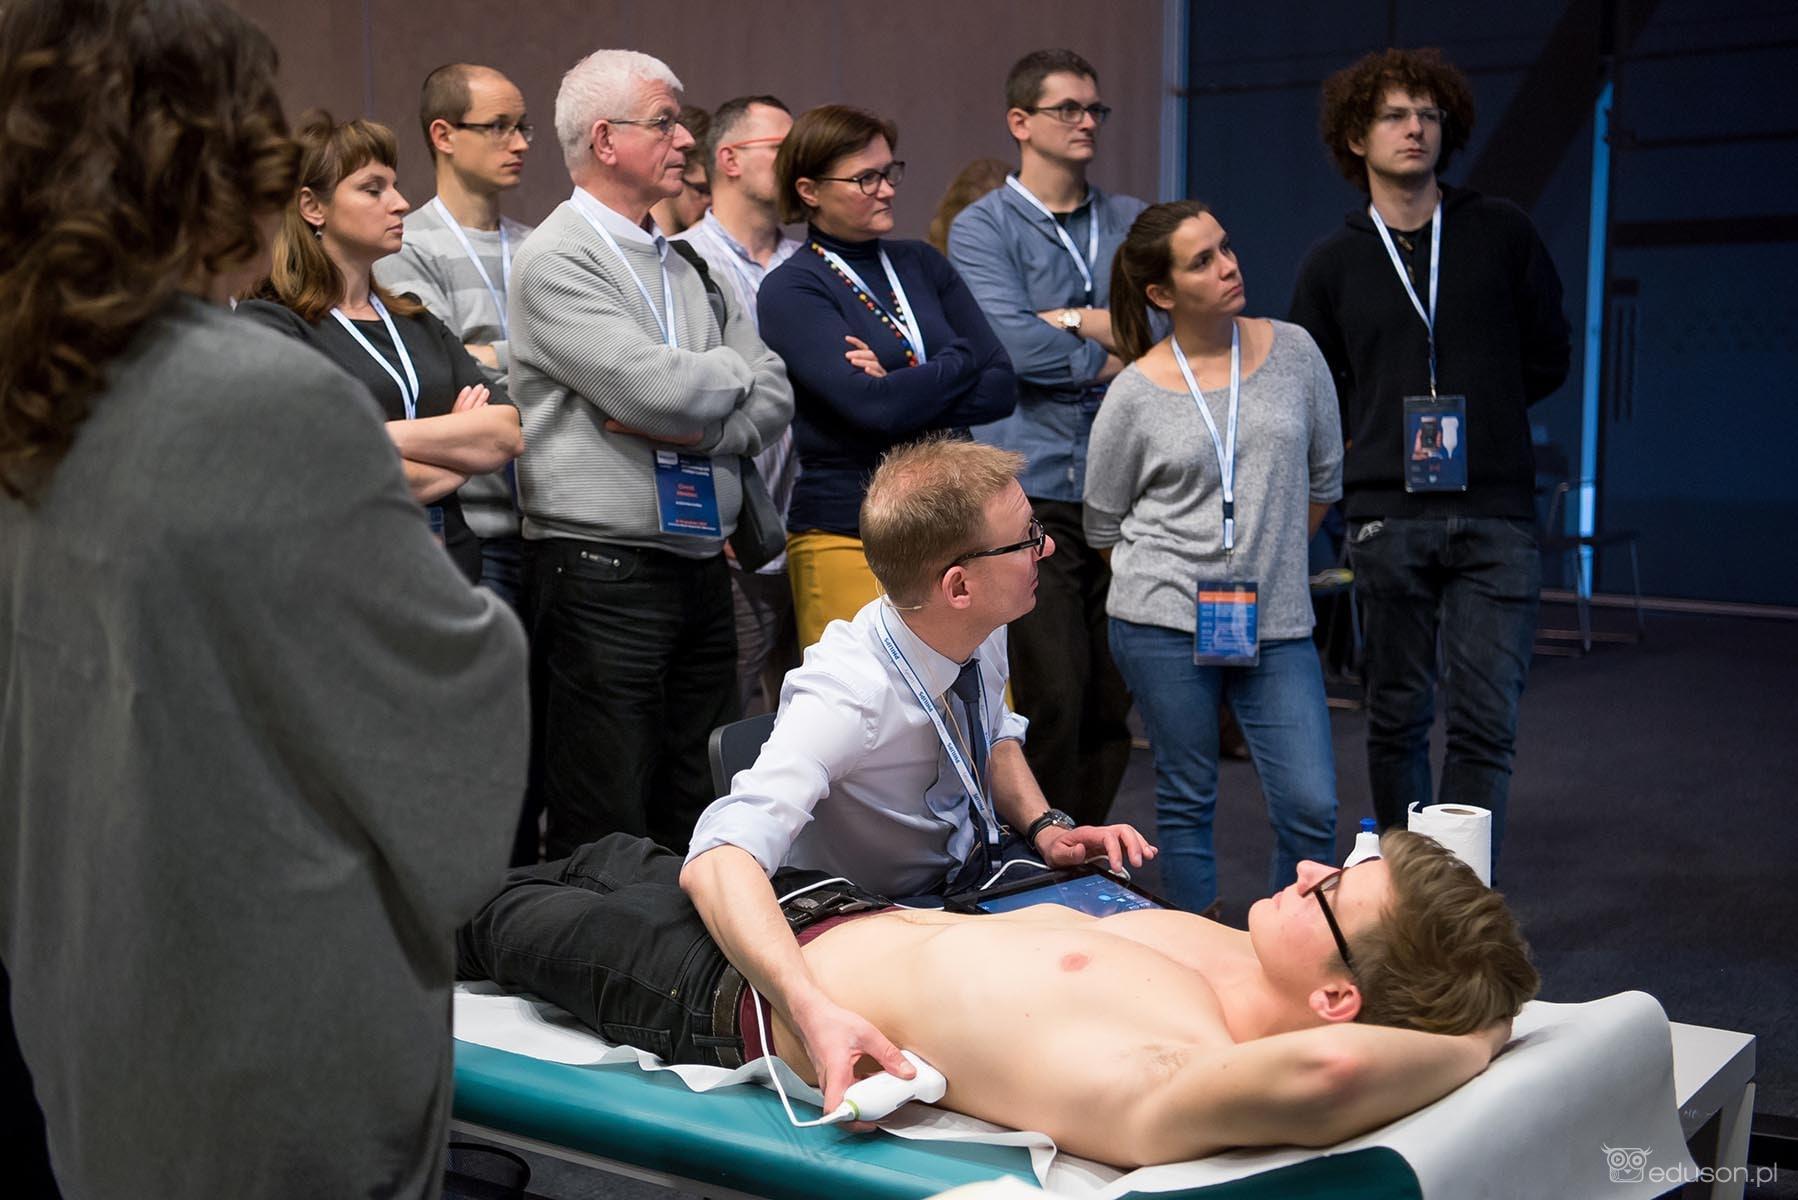 Ultrasonografia Lumify. Praktycznie. Kurs Online. - Portal wymiany wiedzy o ultrasonografii - Eduson